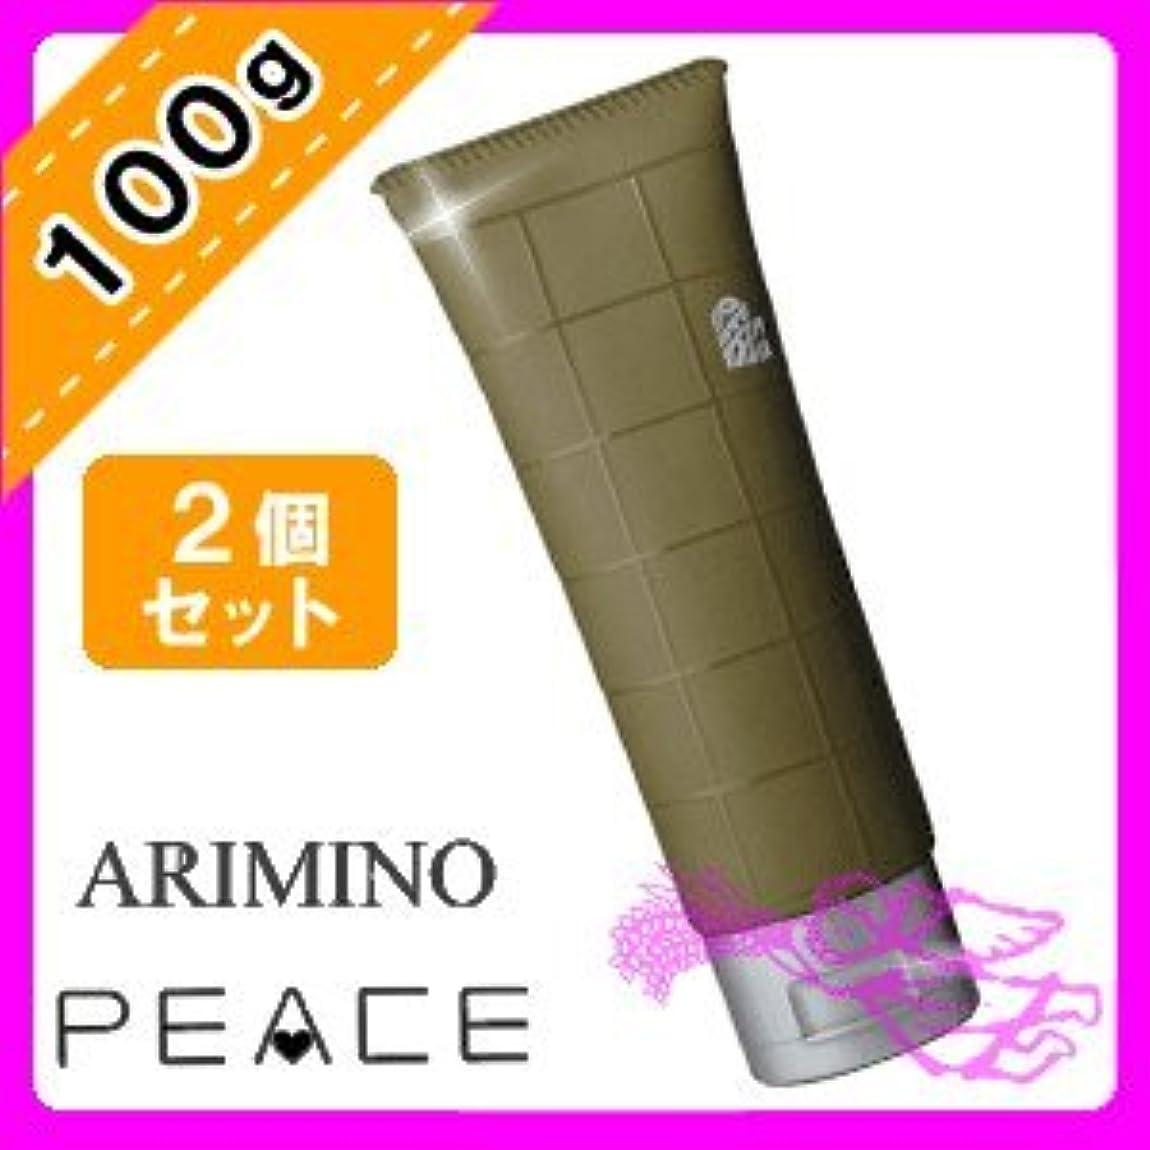 リレー藤色ジレンマアリミノ ピース ウェットオイル ワックス 100g ×2個セット arimino PEACE